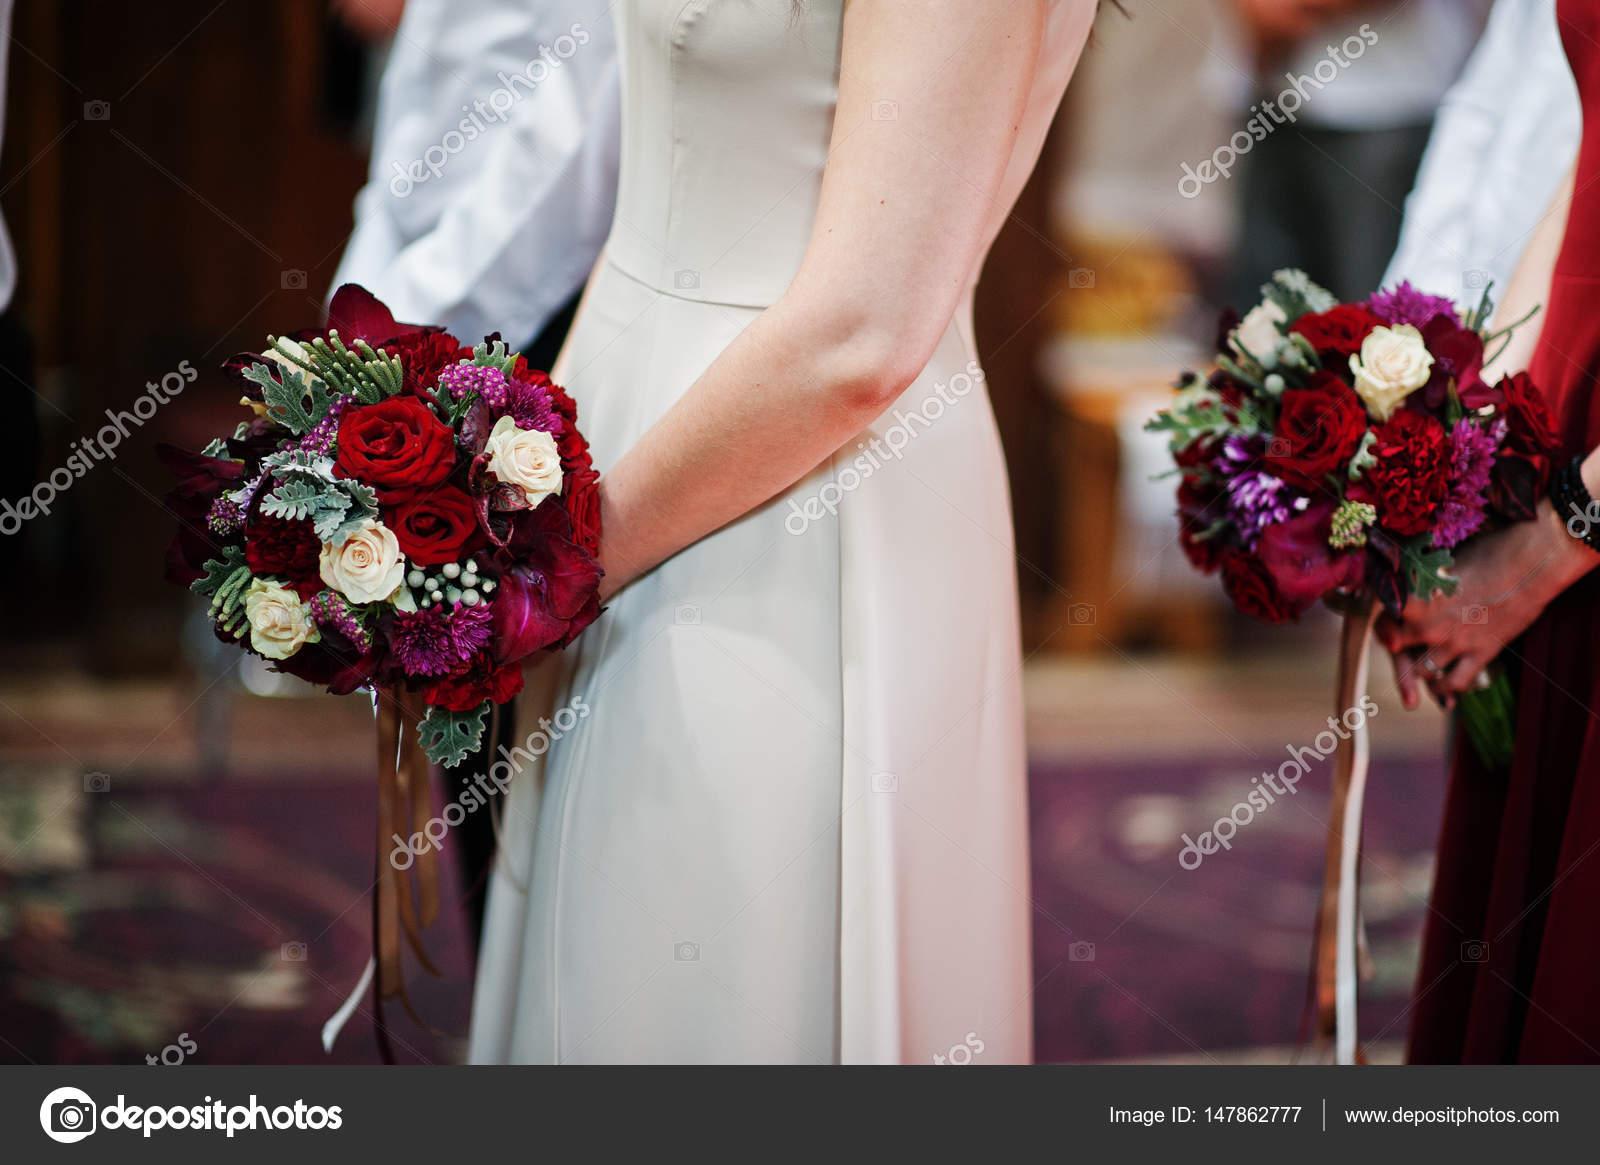 bouquets de mariage au mains des demoiselles d'honneur restent sur